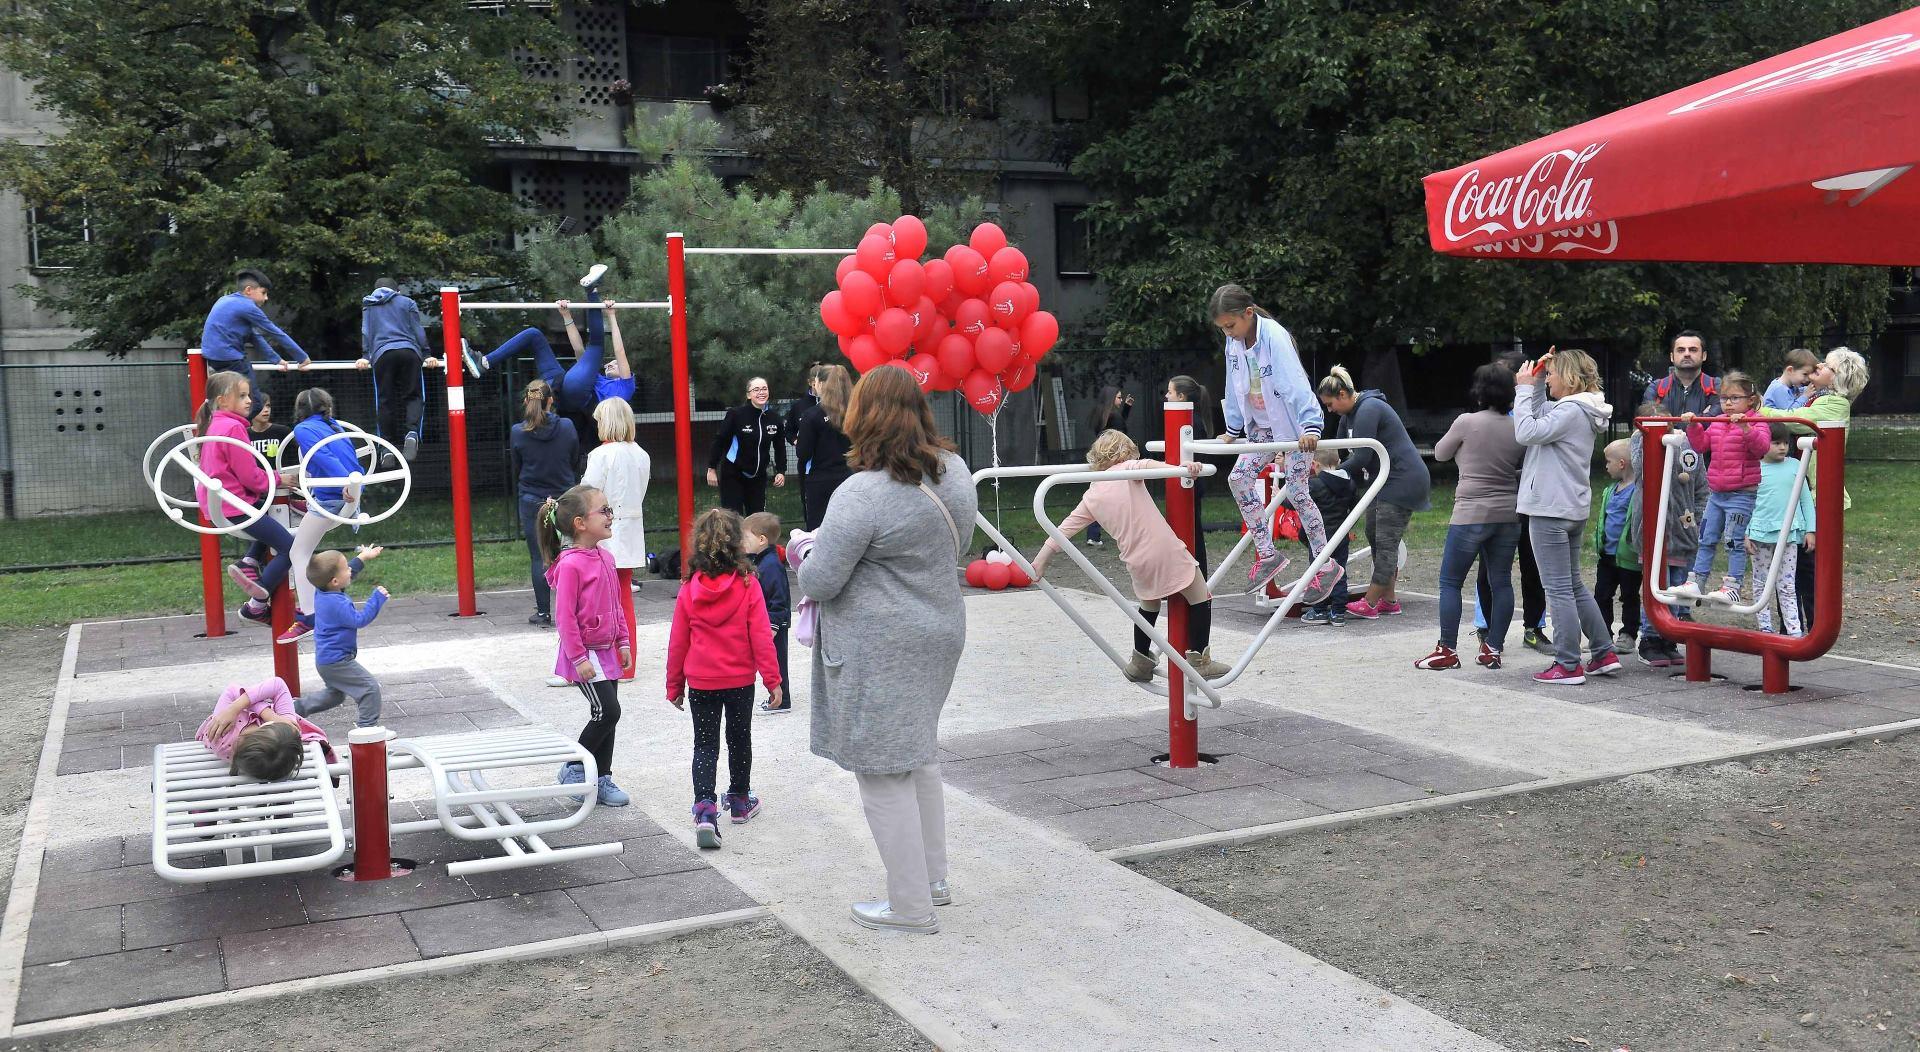 POKRET ZA RADOST Coca-Cola otvorila novo vježbalište na otvorenome u Gradu Zagrebu